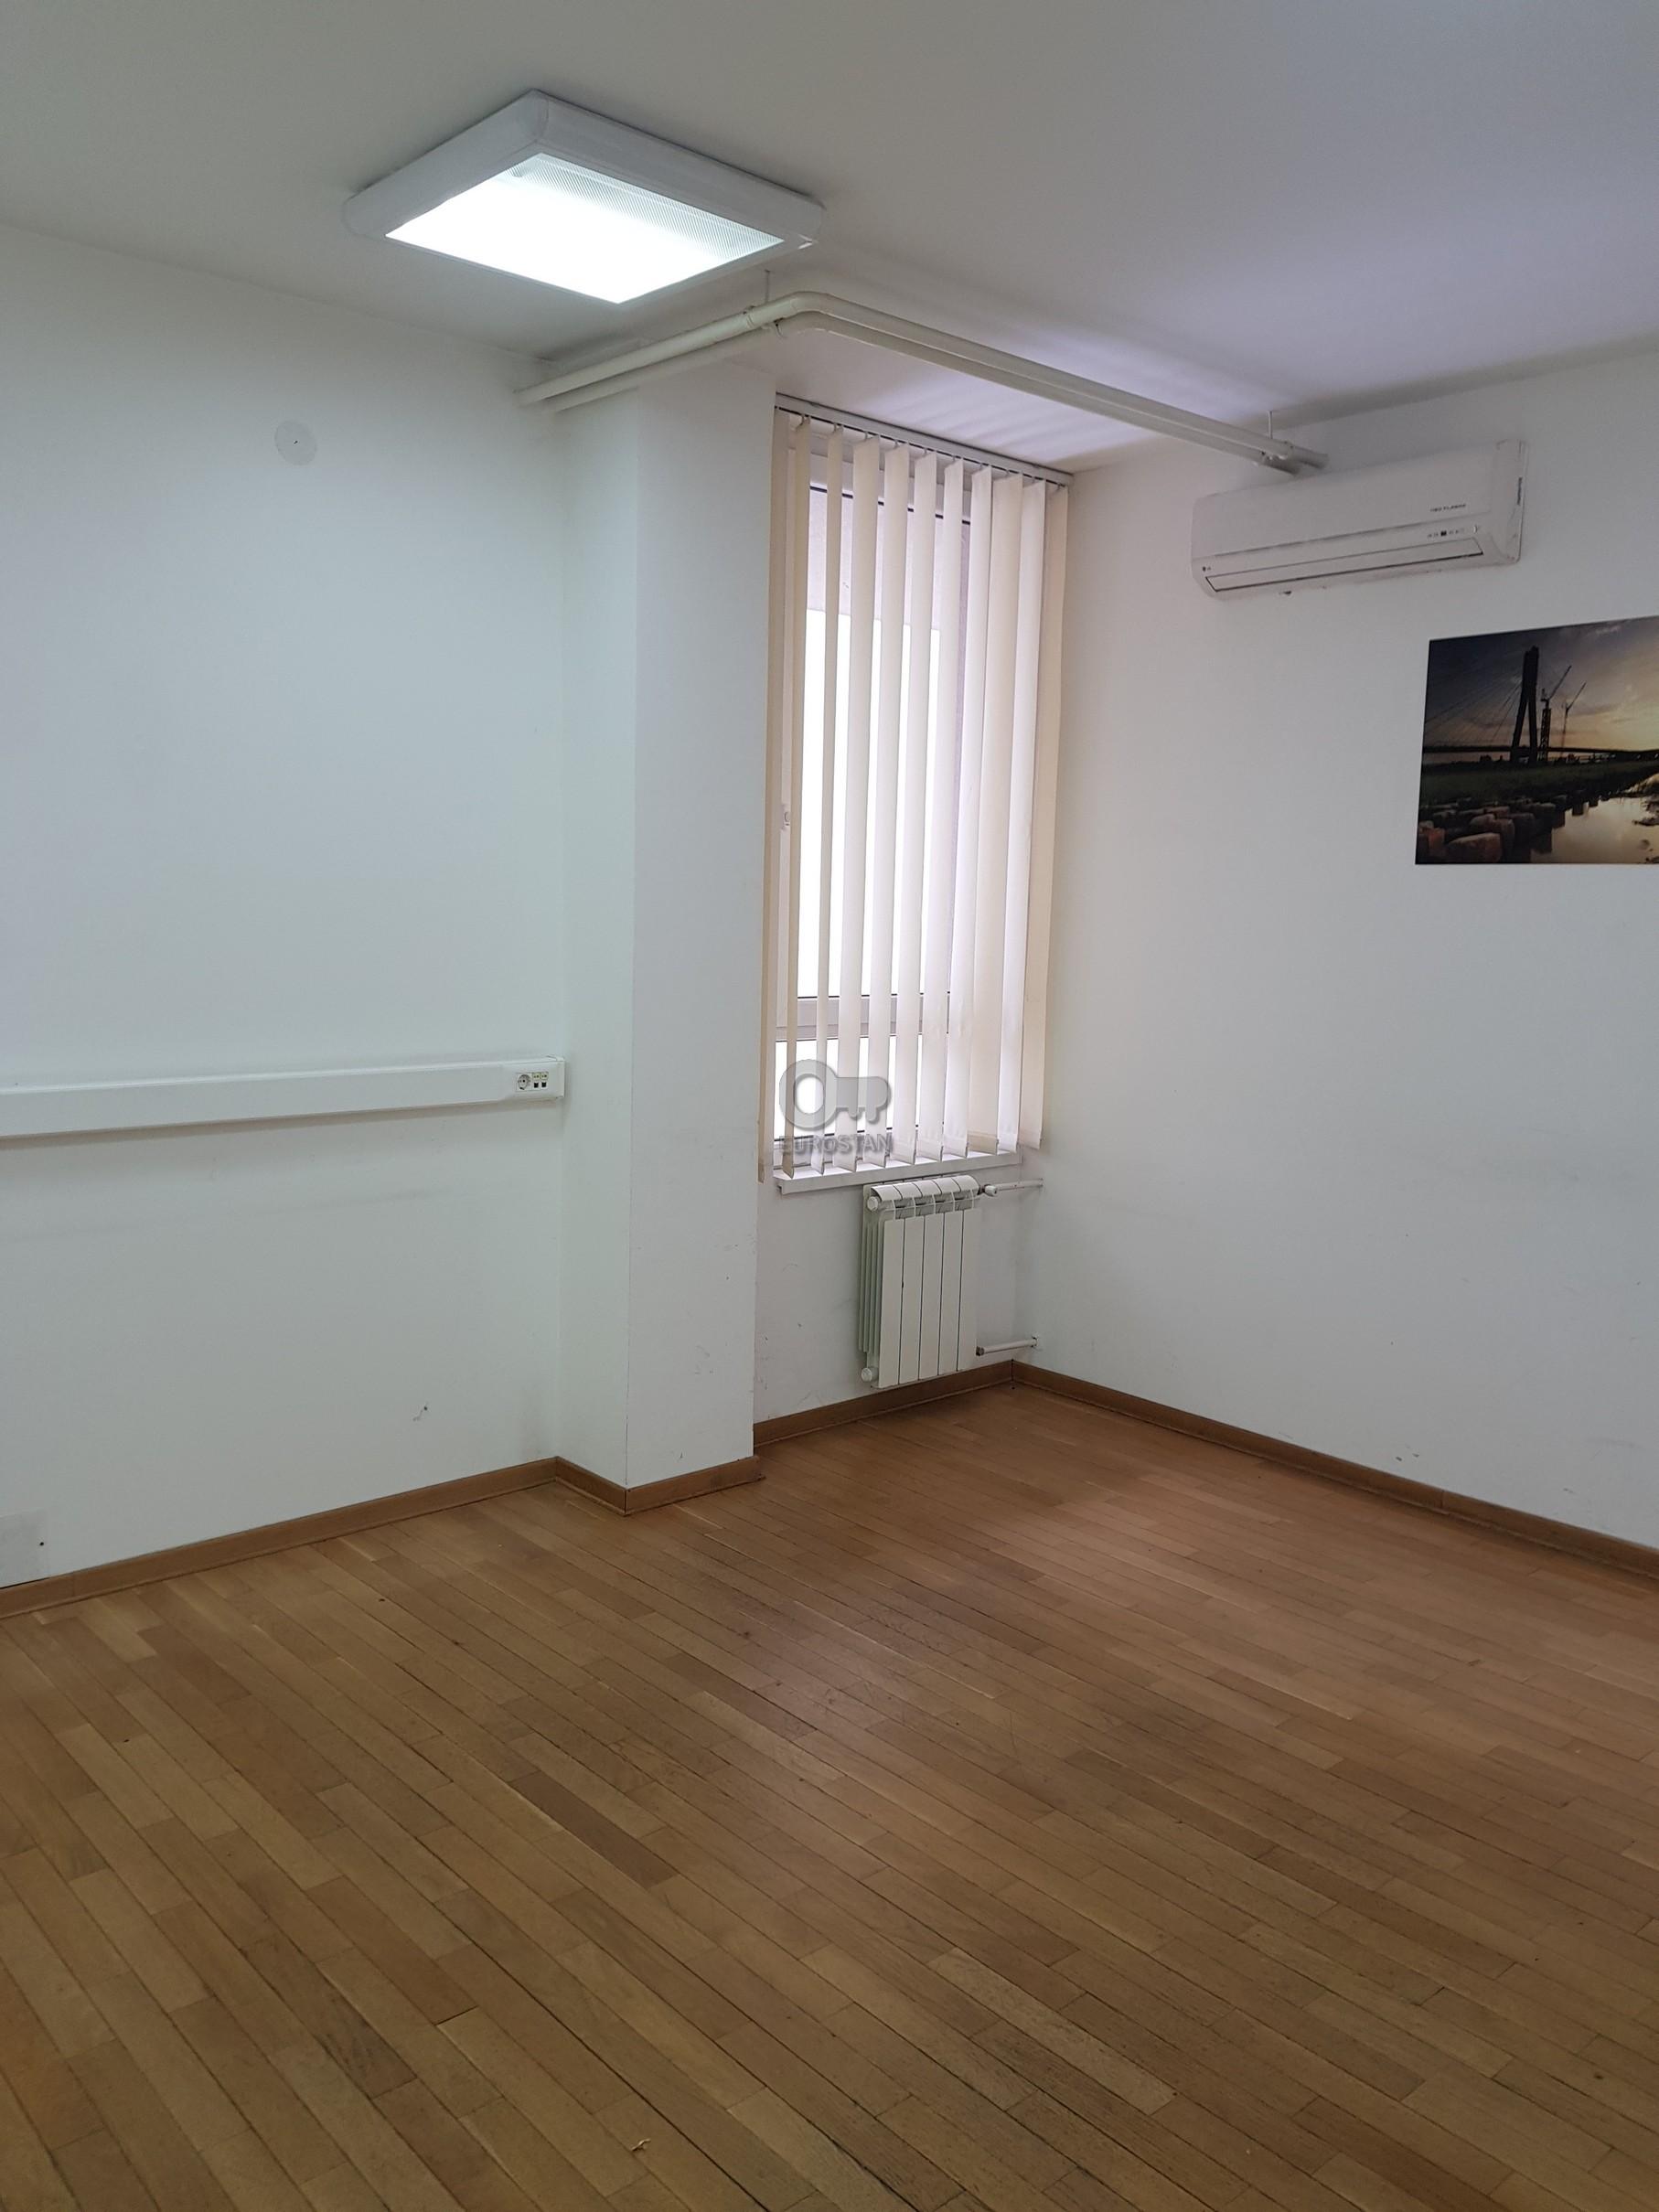 Poslovni prostor GRADSKA BOLNICA 12800 EUR